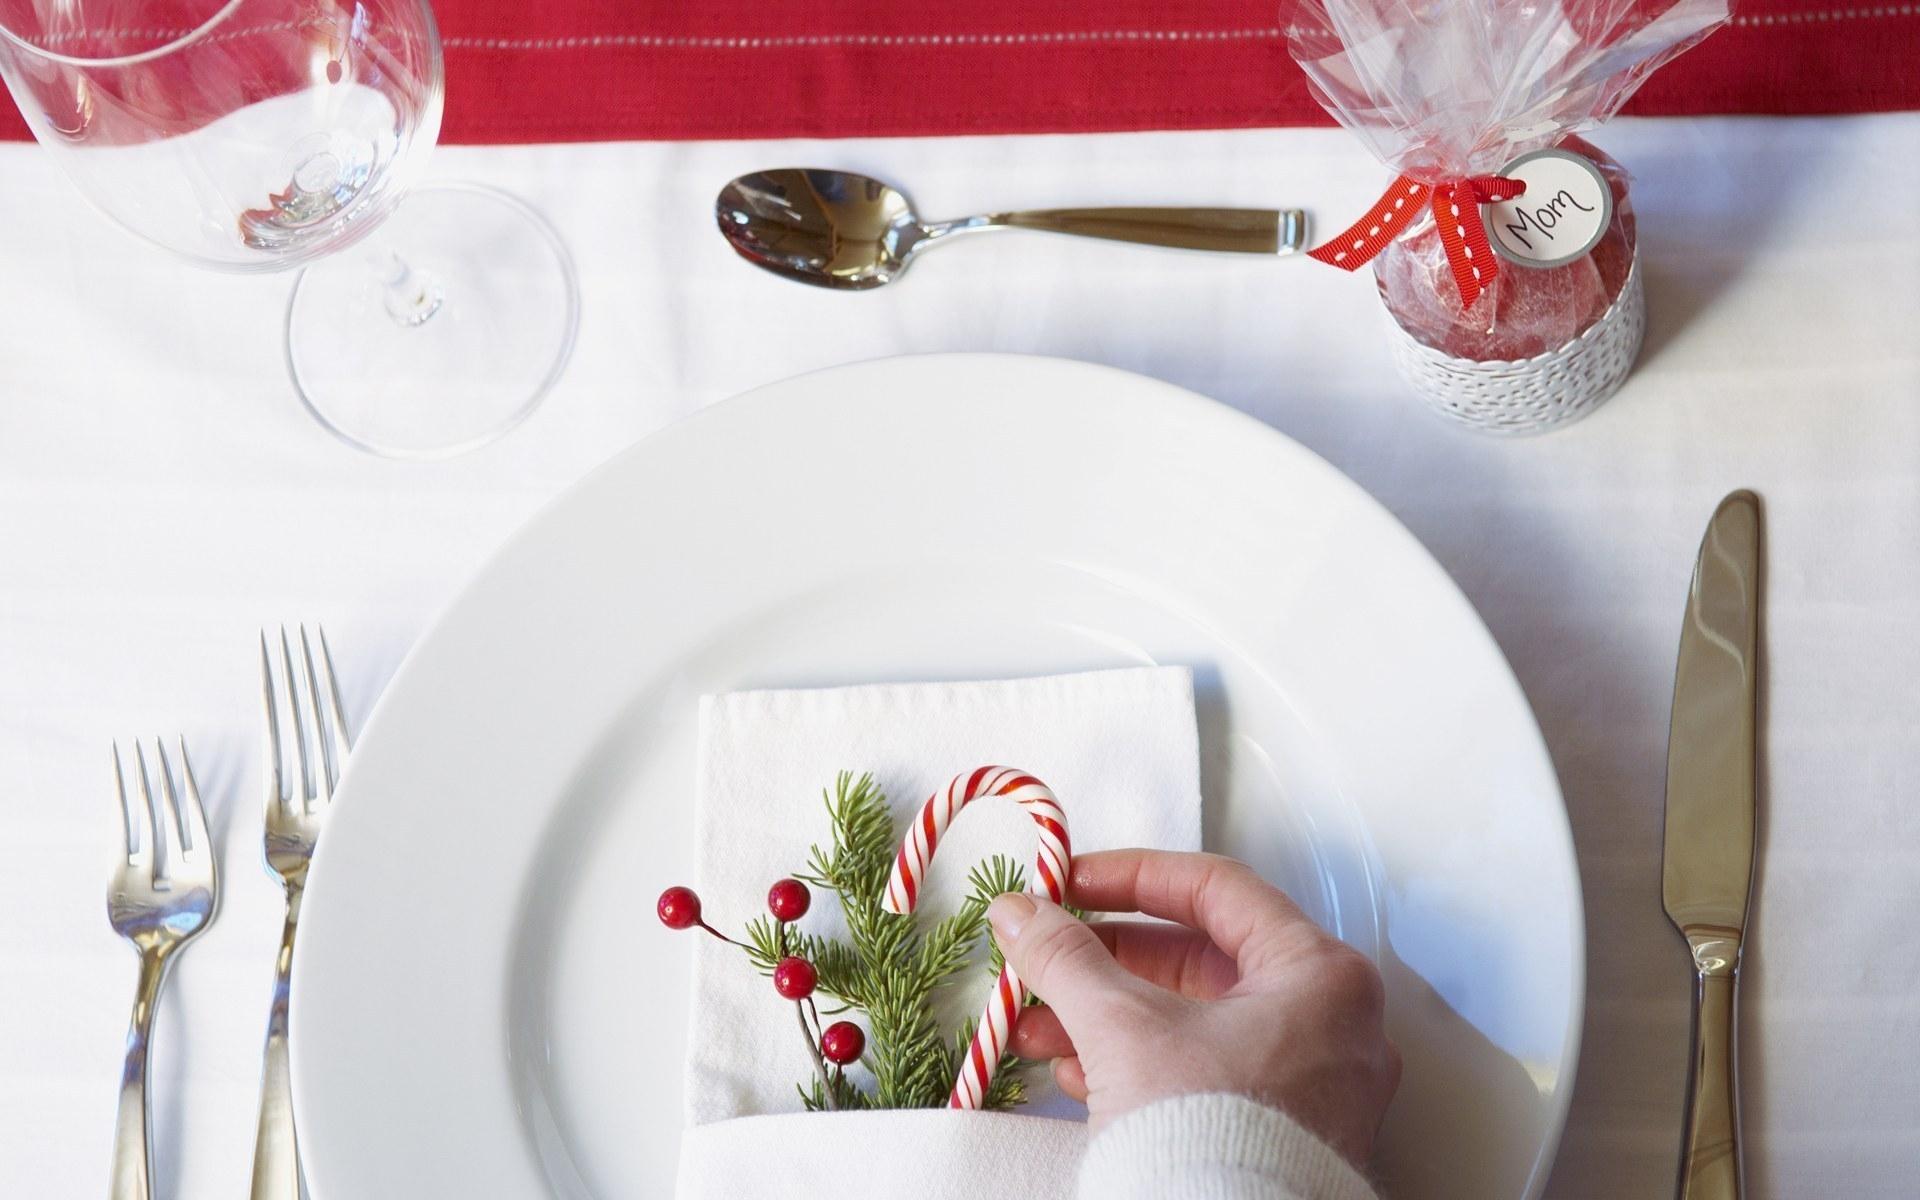 Как украсить посуду на новый год своими руками